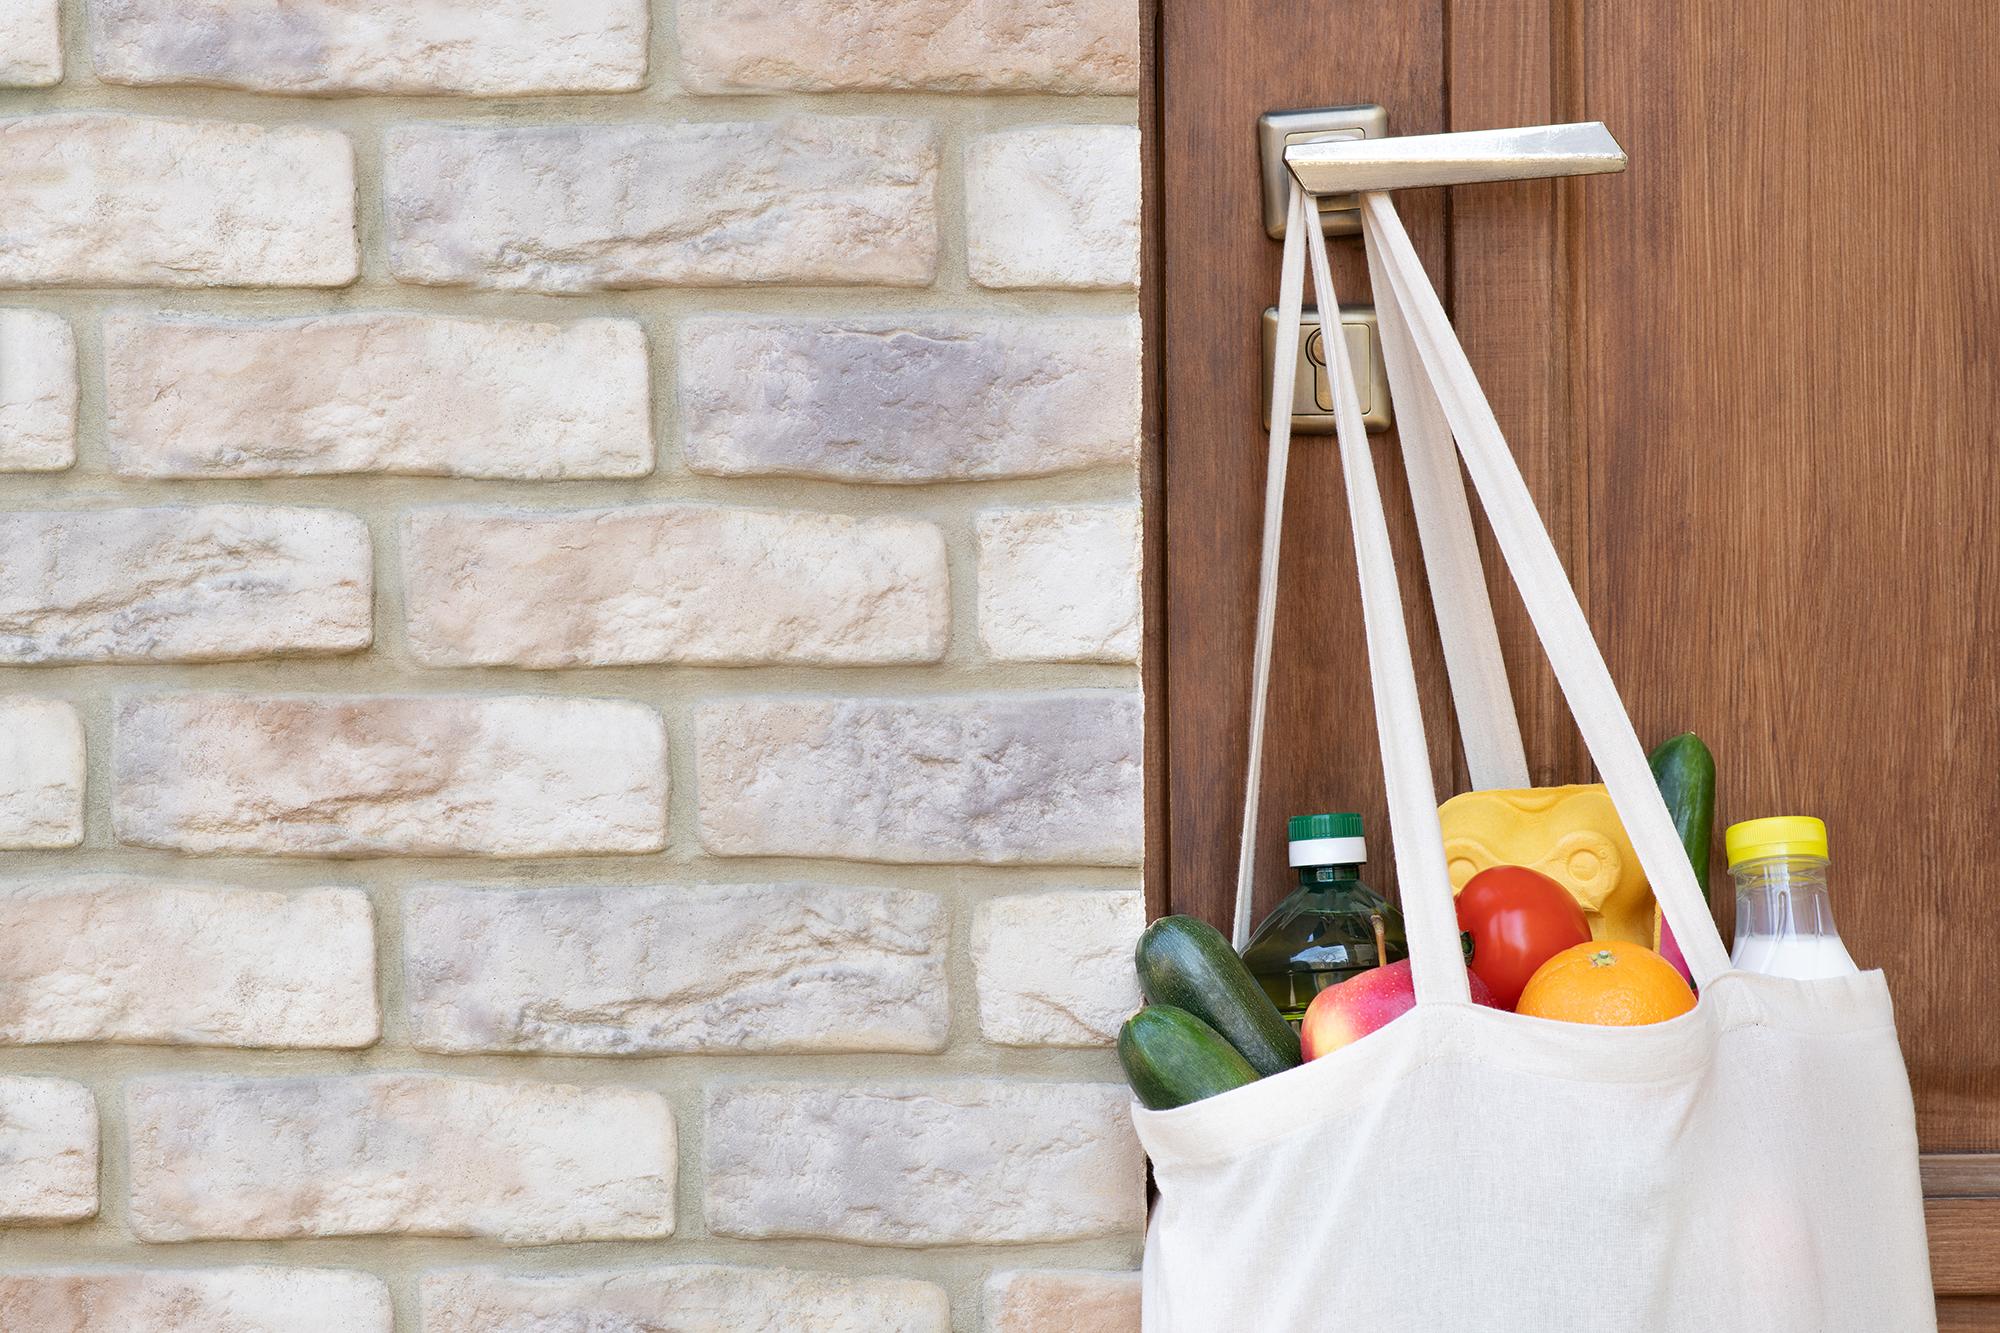 Bag of groceries hanging on doorknob. (Image: Shutterstock)